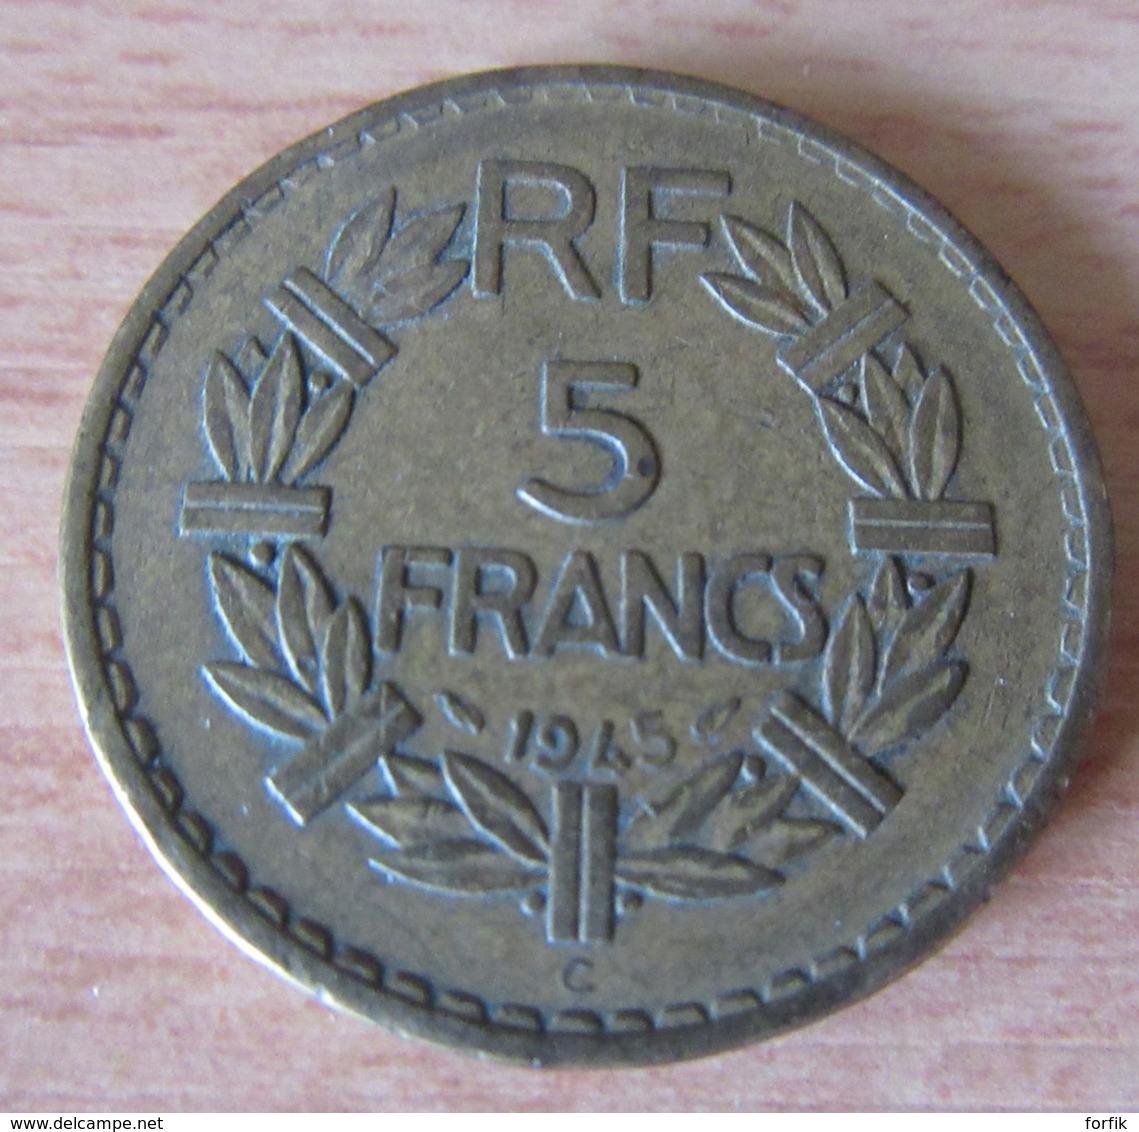 France - Monnaie 5 Francs Lavrillier Bronze-Aluminium 1945 C - Millésime Peu Commun - TTB - France